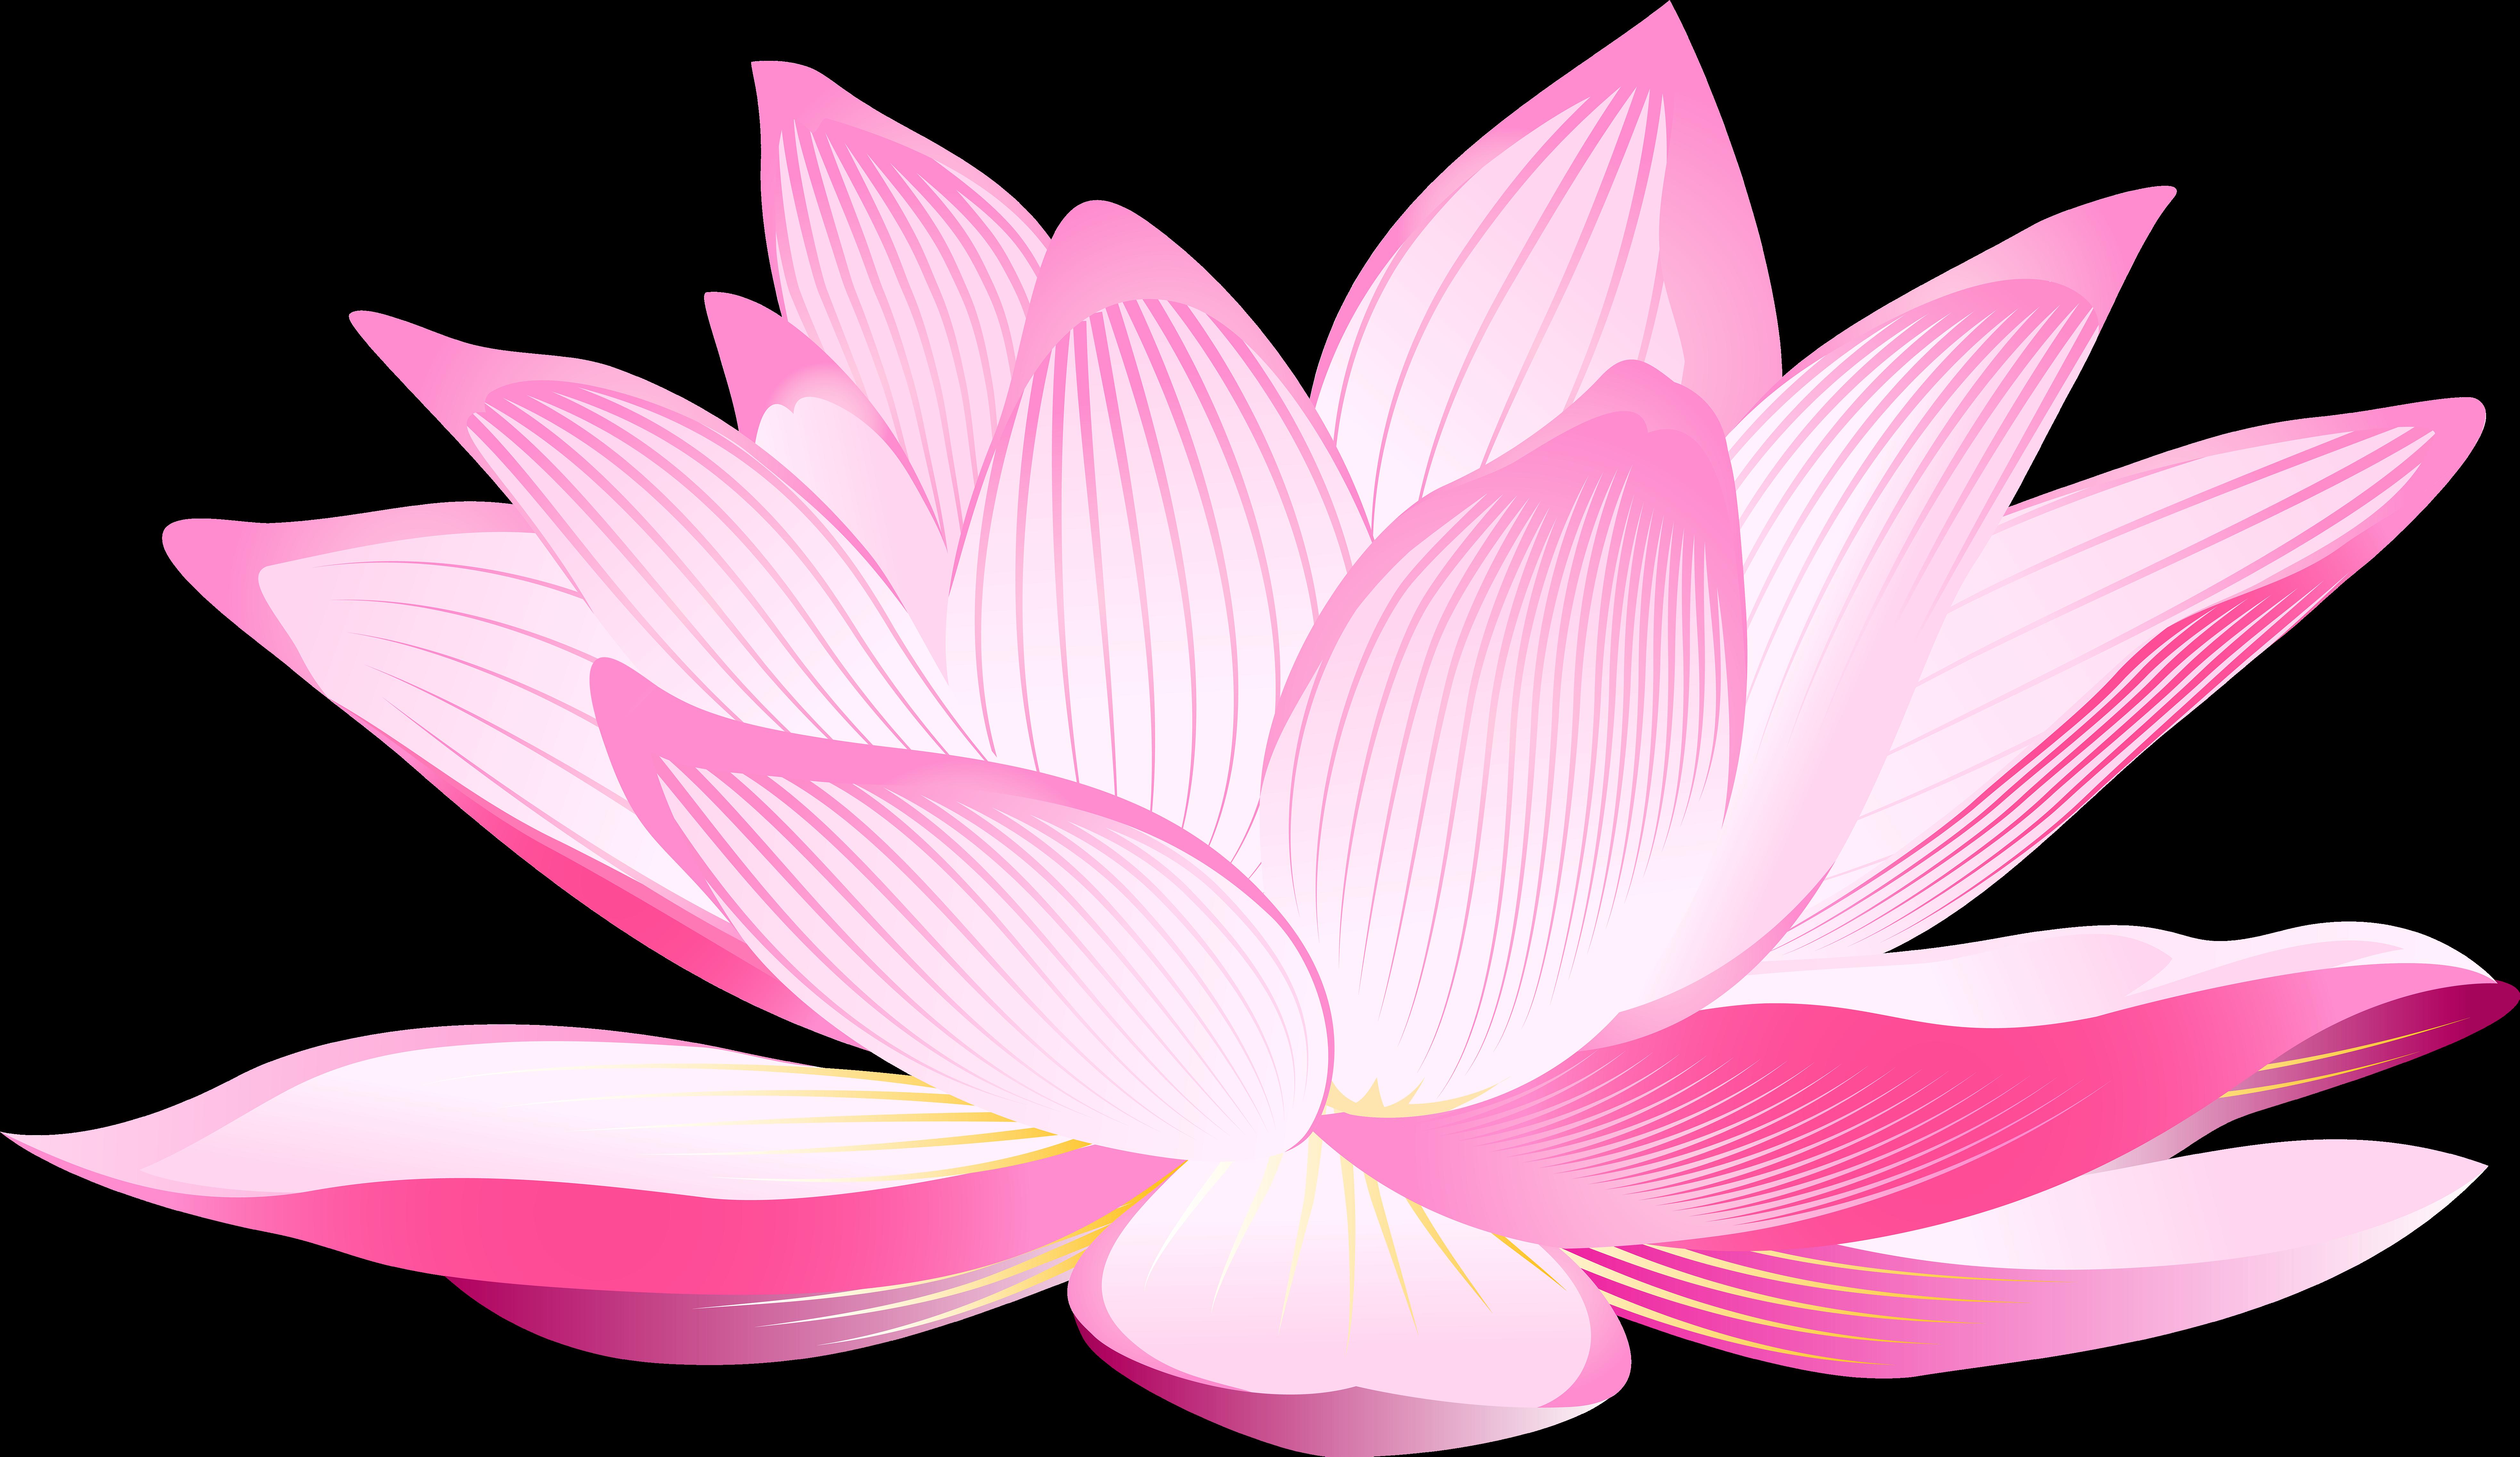 Hình ảnh hoa sen hồng